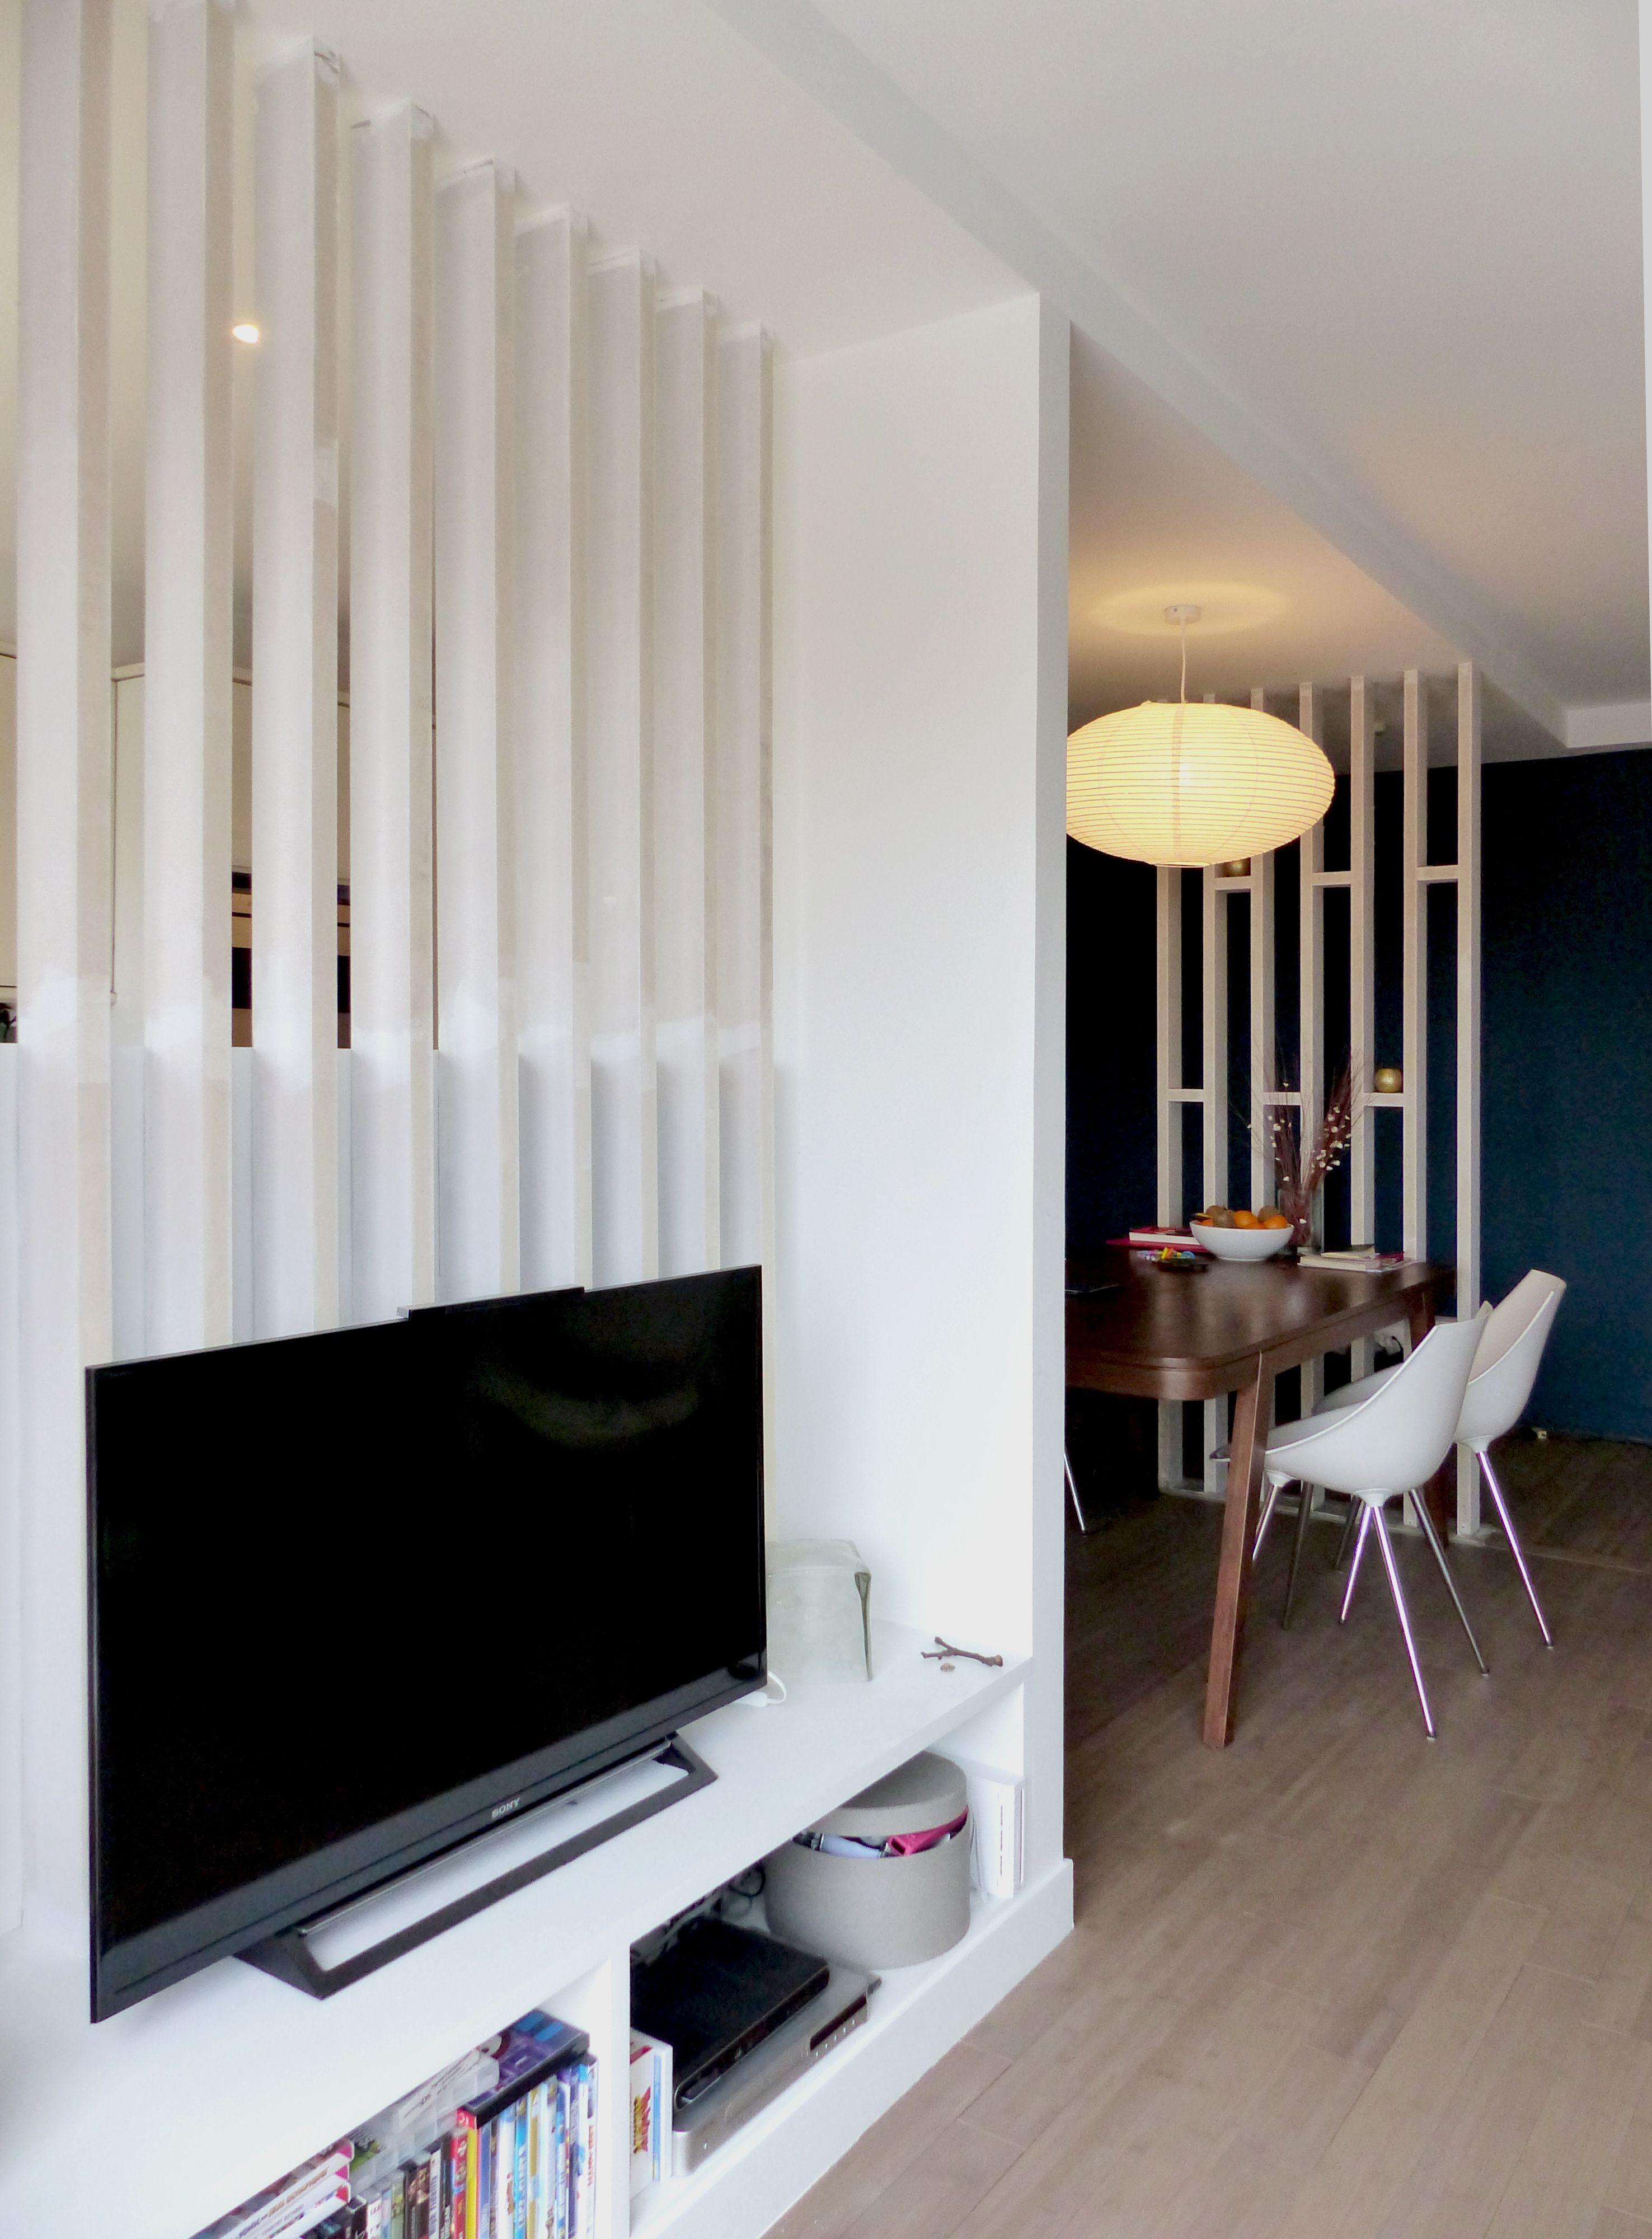 appartement Paris - Paul Grably architecte | Paul Grably architecte ...